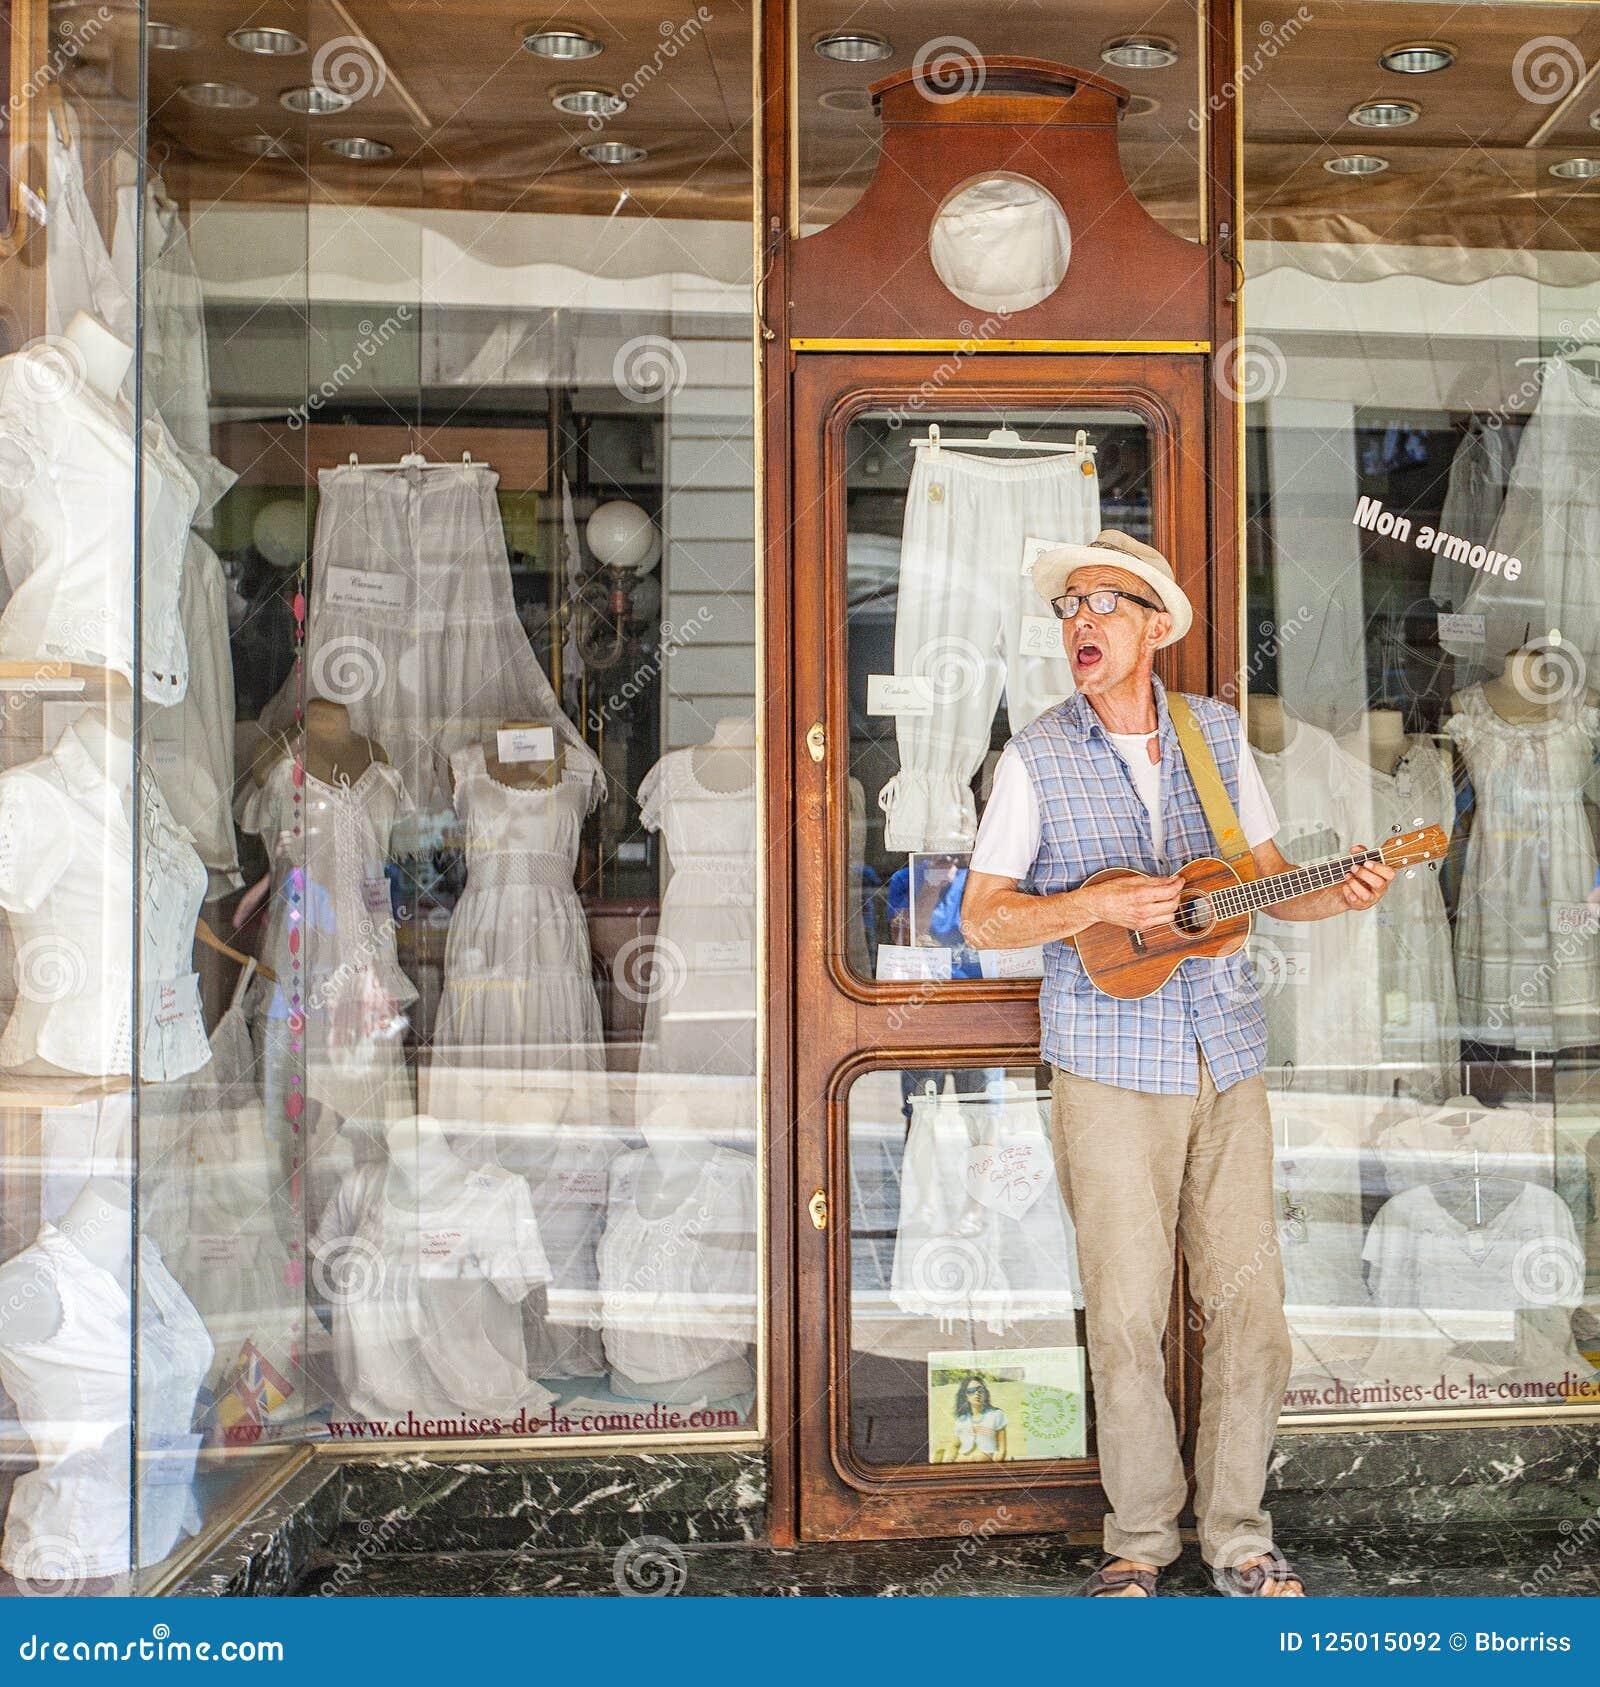 Un musicien de rue jouant et chantant dans le costume dans la ville de Montpellier, France